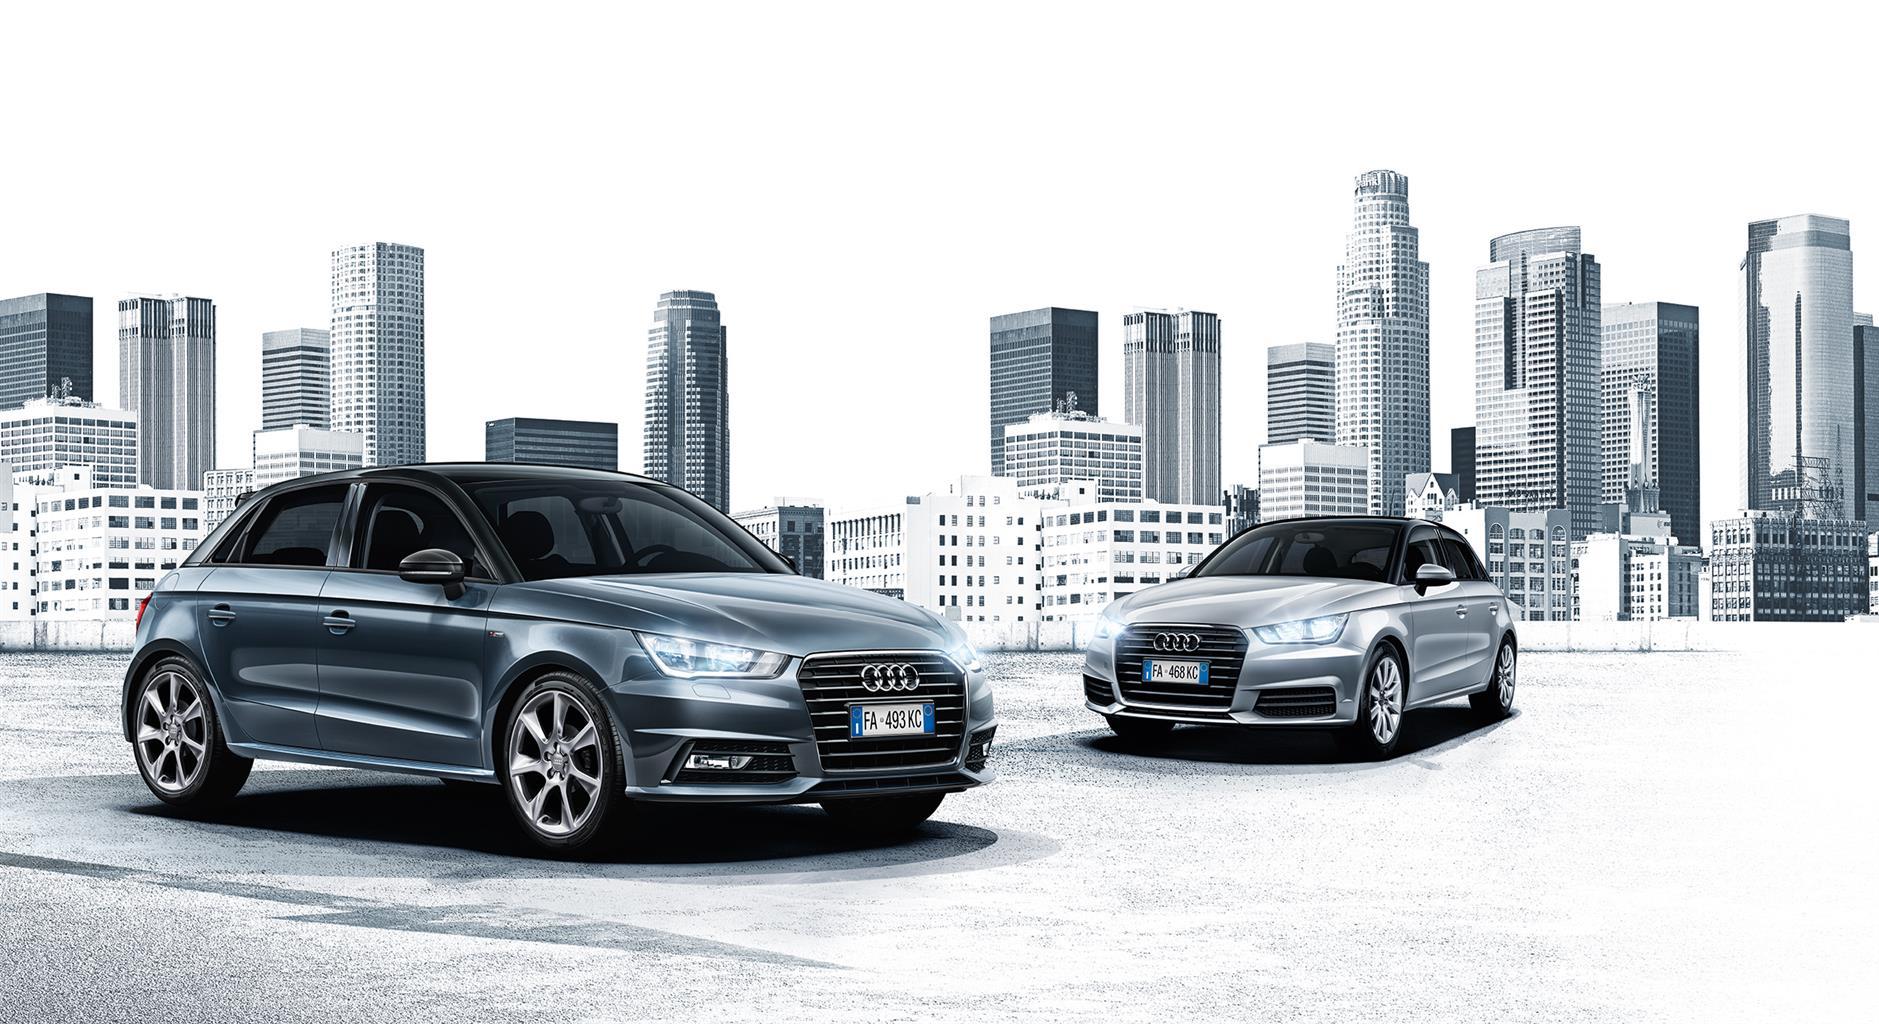 Audi A1 1.0 TFSI: nuova motorizzazione da 82 CV dedicata ai neopatentati